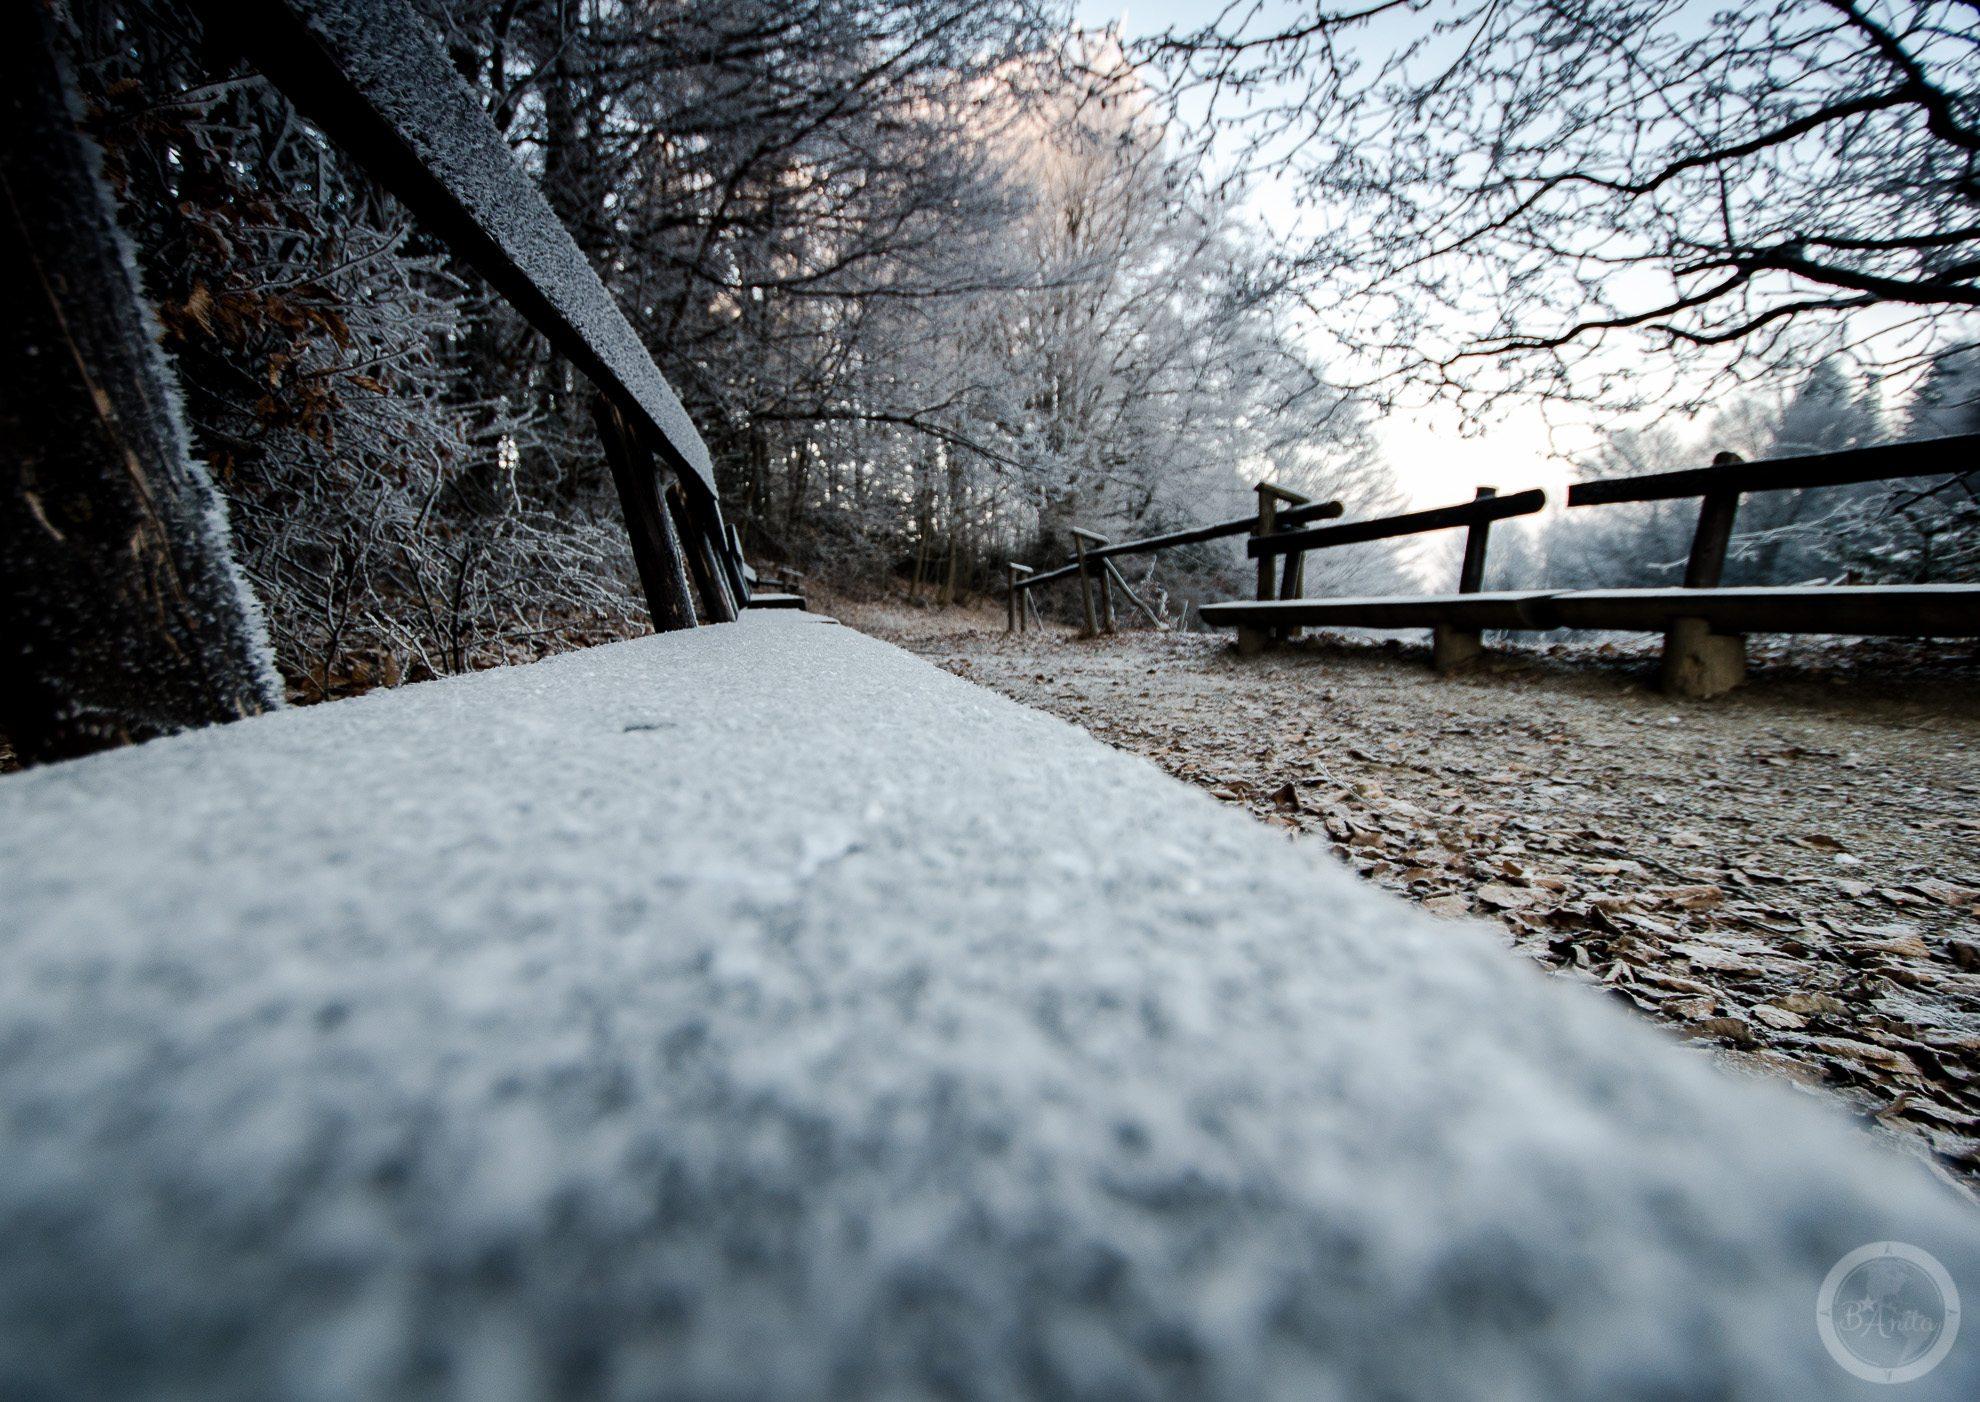 Ławeczka pokryta szronem stojąca przy szalku naTrzy Korony wPienińskim Parku Narodowy